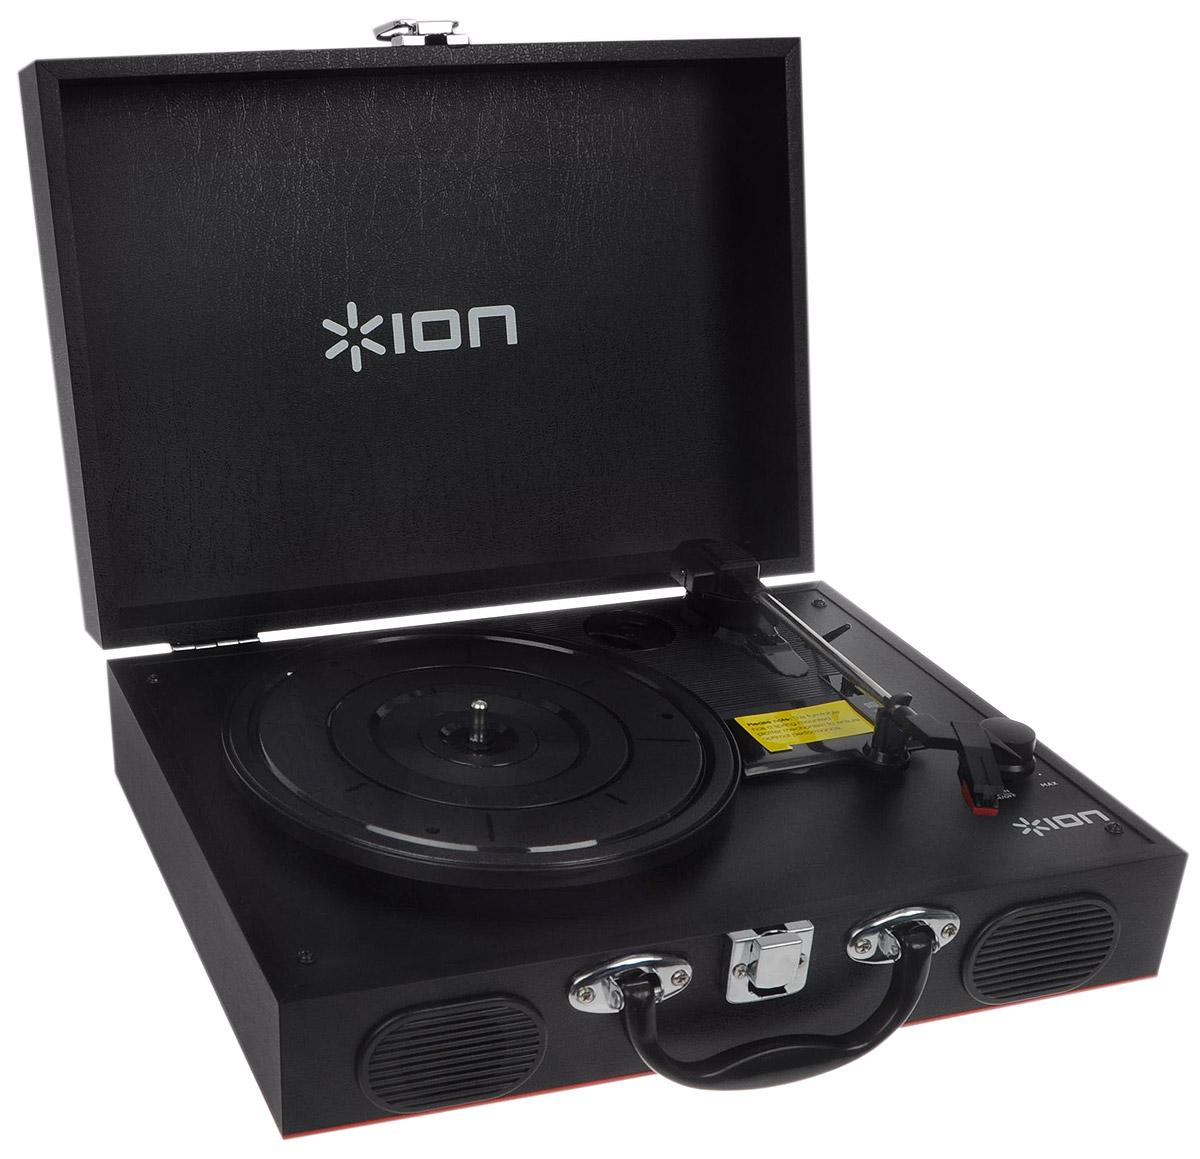 ION Audio Vinyl Transport, Black виниловый проигрывательIONvtION Audio Vinyl Transport представляет собой изящный виниловый проигрыватель, который очень удобно носить с собой. Стильный дизайн 1950-х годов придется по душе настоящим любителям ретро, встроенные стереодинамики обеспечат чистый и живой звук, а благодаря батареям проигрыватель может работать до 6 часов без подзарядки. С ION Audio Vinyl Transport можно наслаждаться звуком любимых виниловых пластинок где угодно и когда угодно! Корпус в стиле ретро Встроенные стереодинамики 6 часов работы без подзарядки Тип батарей: 4xAA Пылезащитный корпус